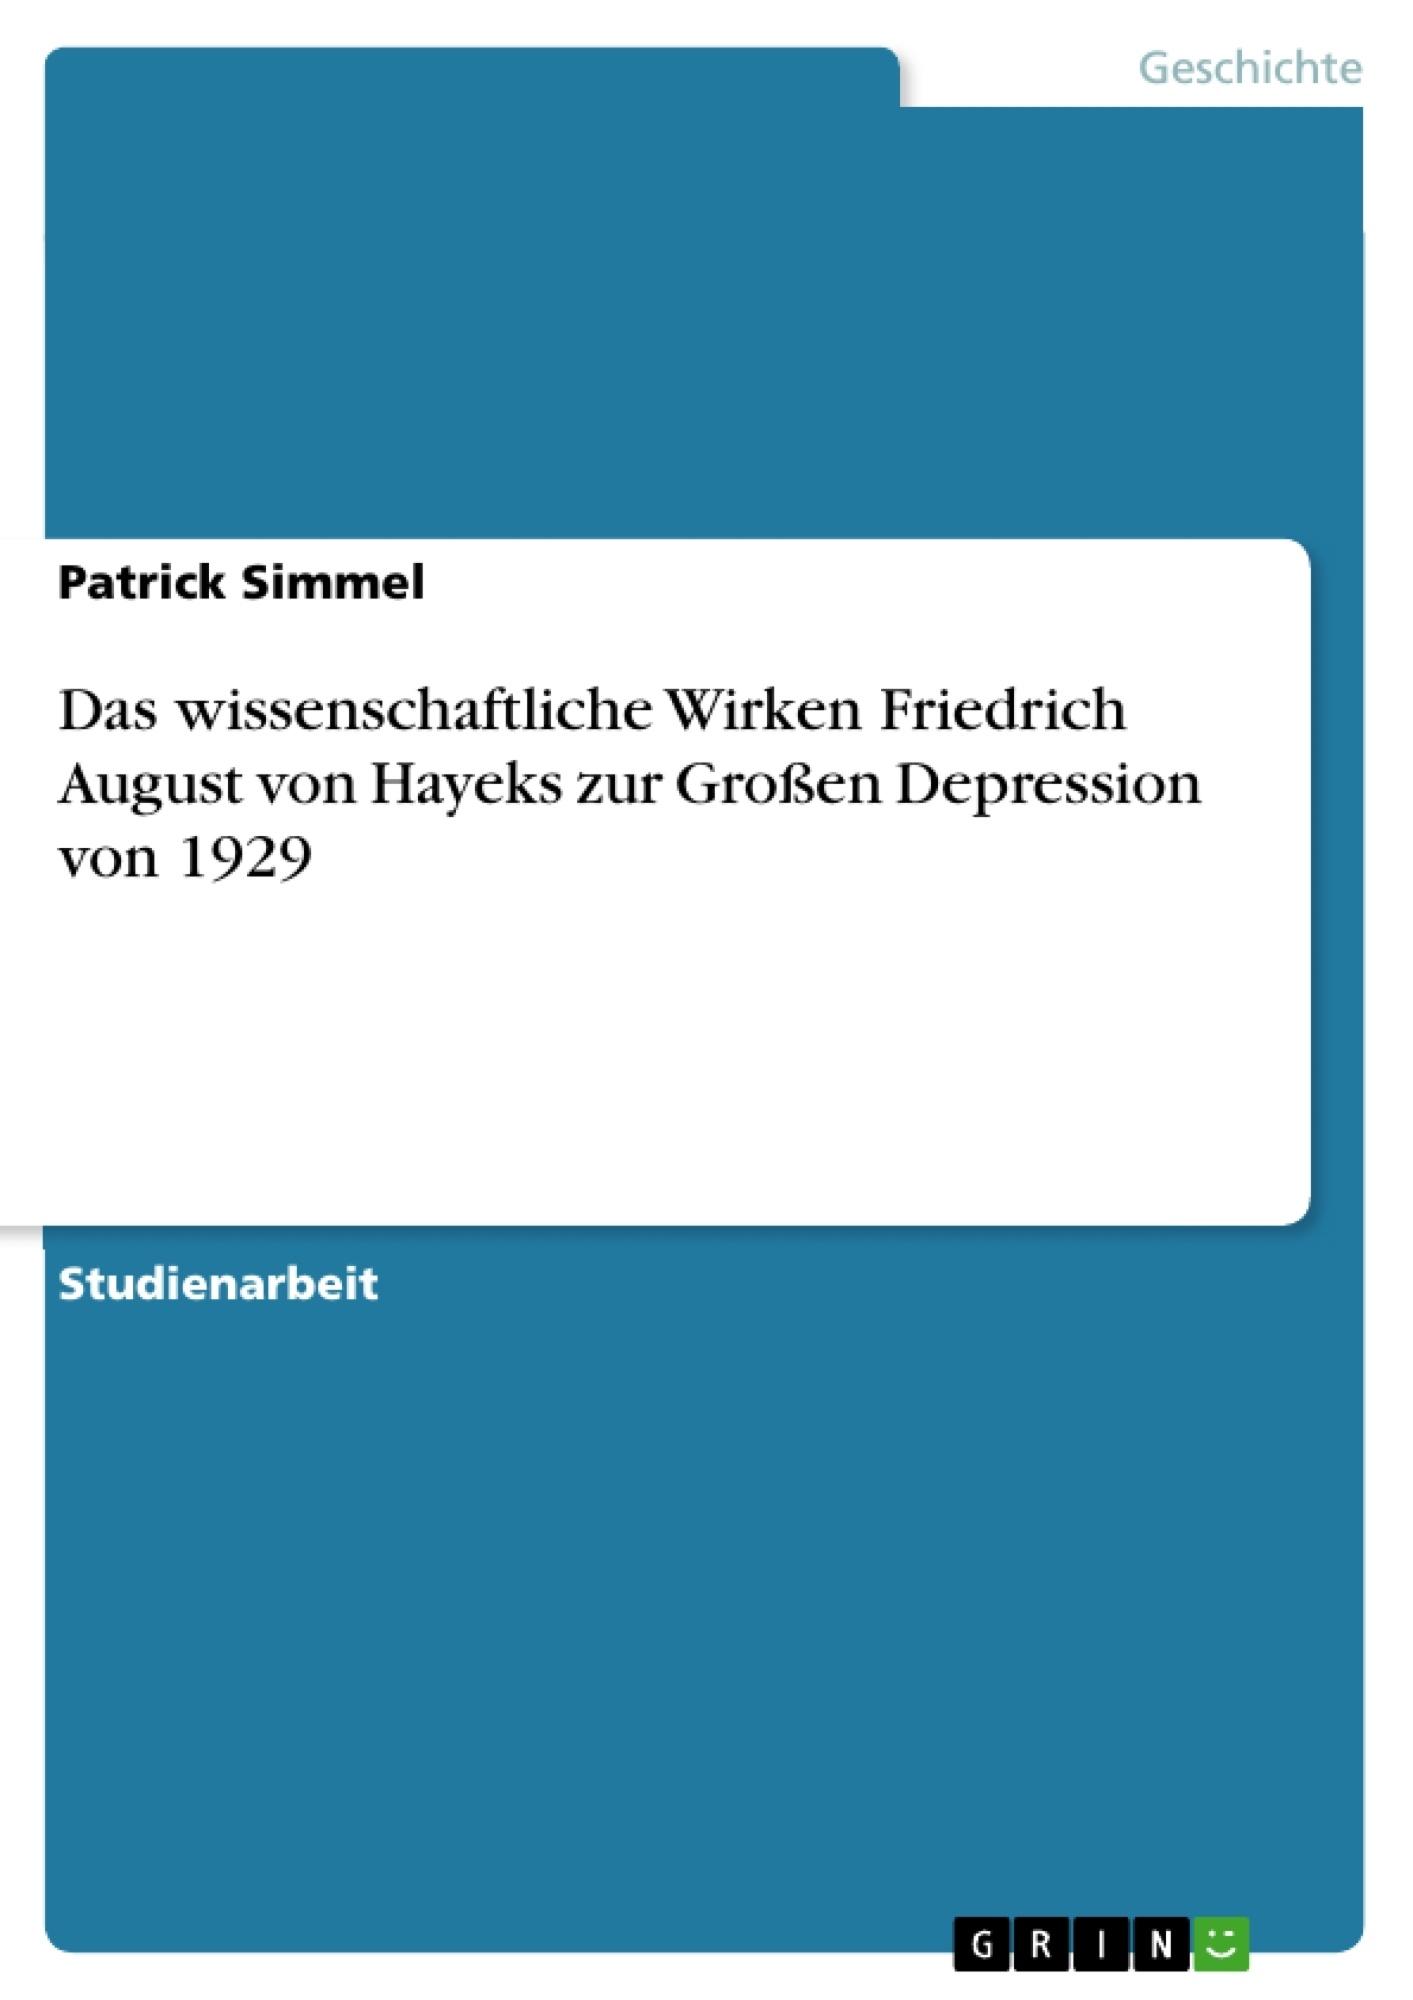 Titel: Das wissenschaftliche Wirken Friedrich August von Hayeks zur Großen Depression von 1929